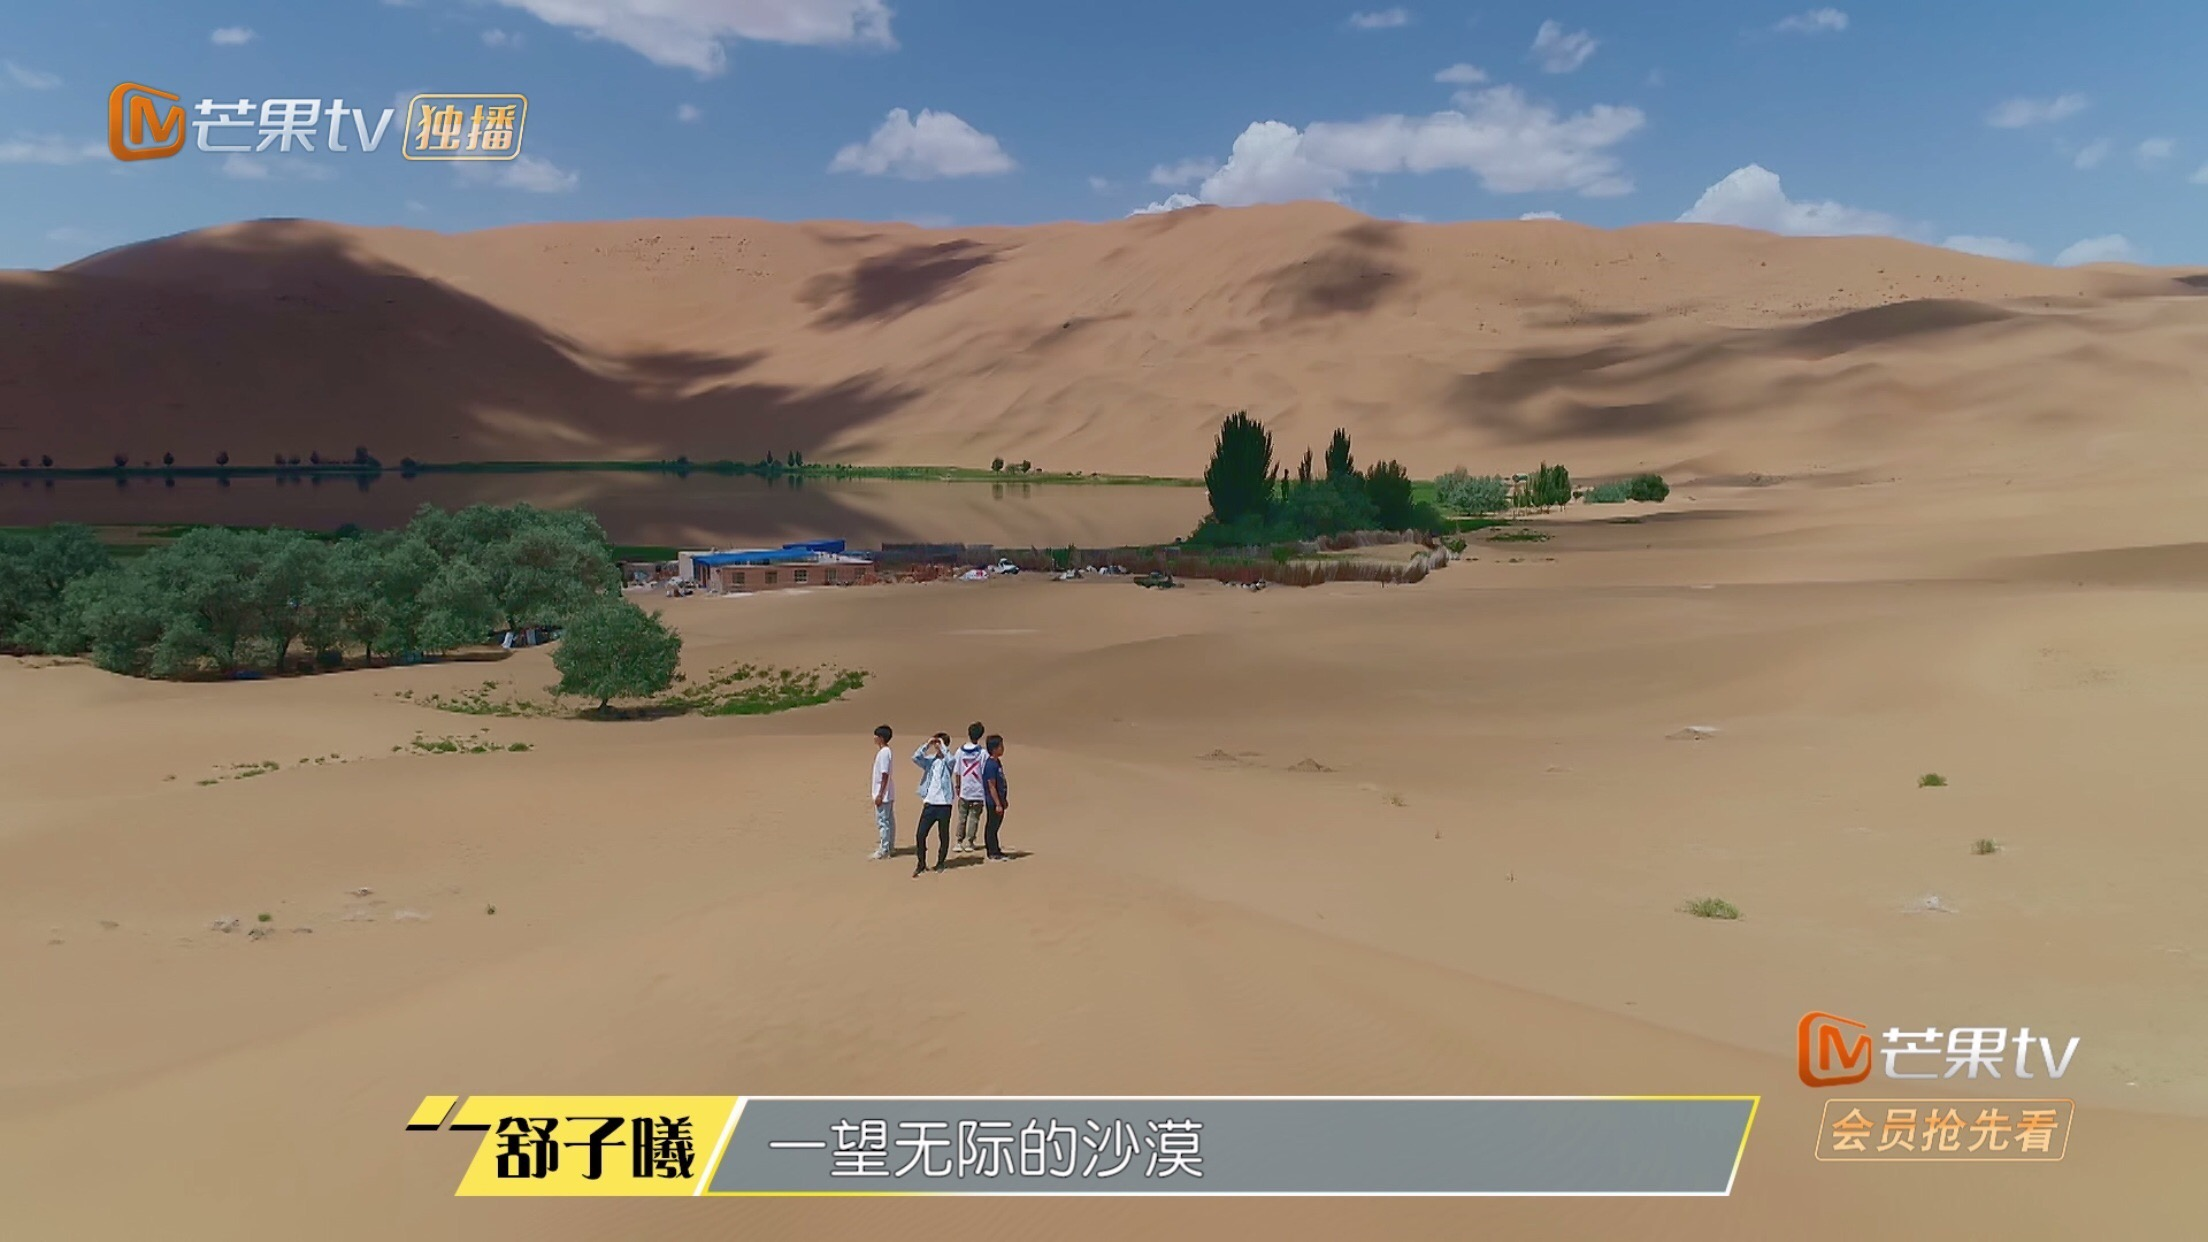 新一季《变形计》高能来袭,全新变形挑战沙漠生活